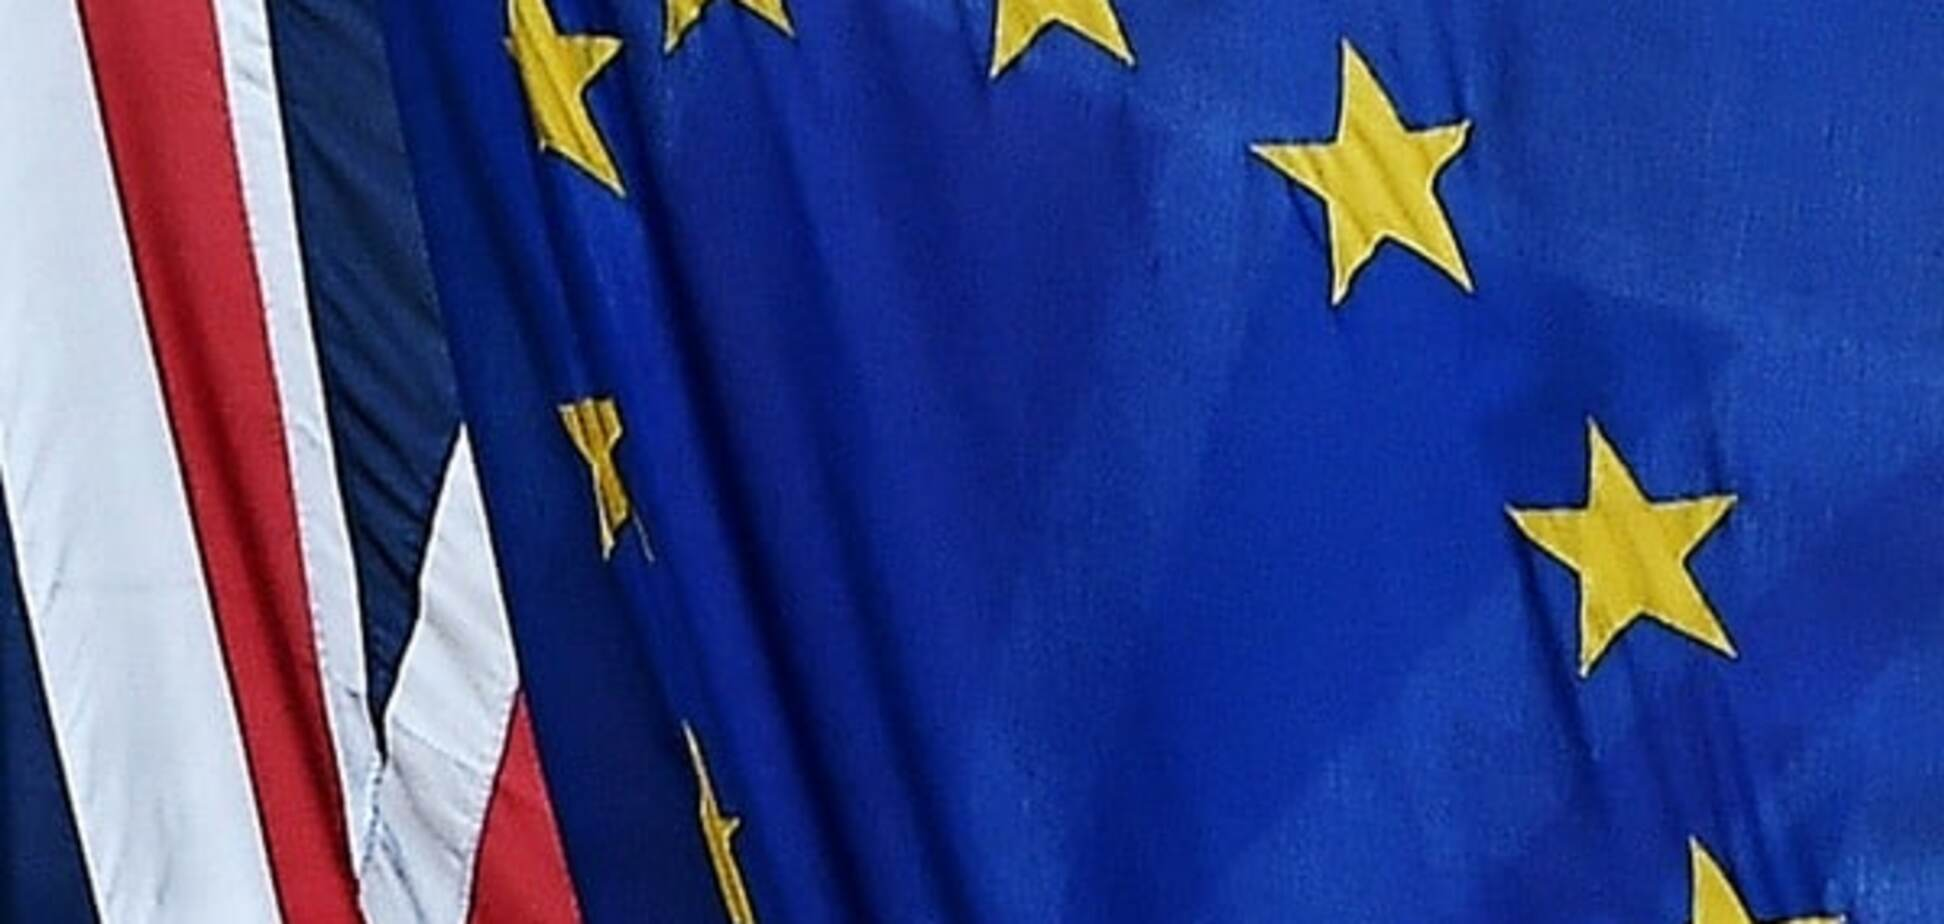 Прапори Великобританії і ЄС